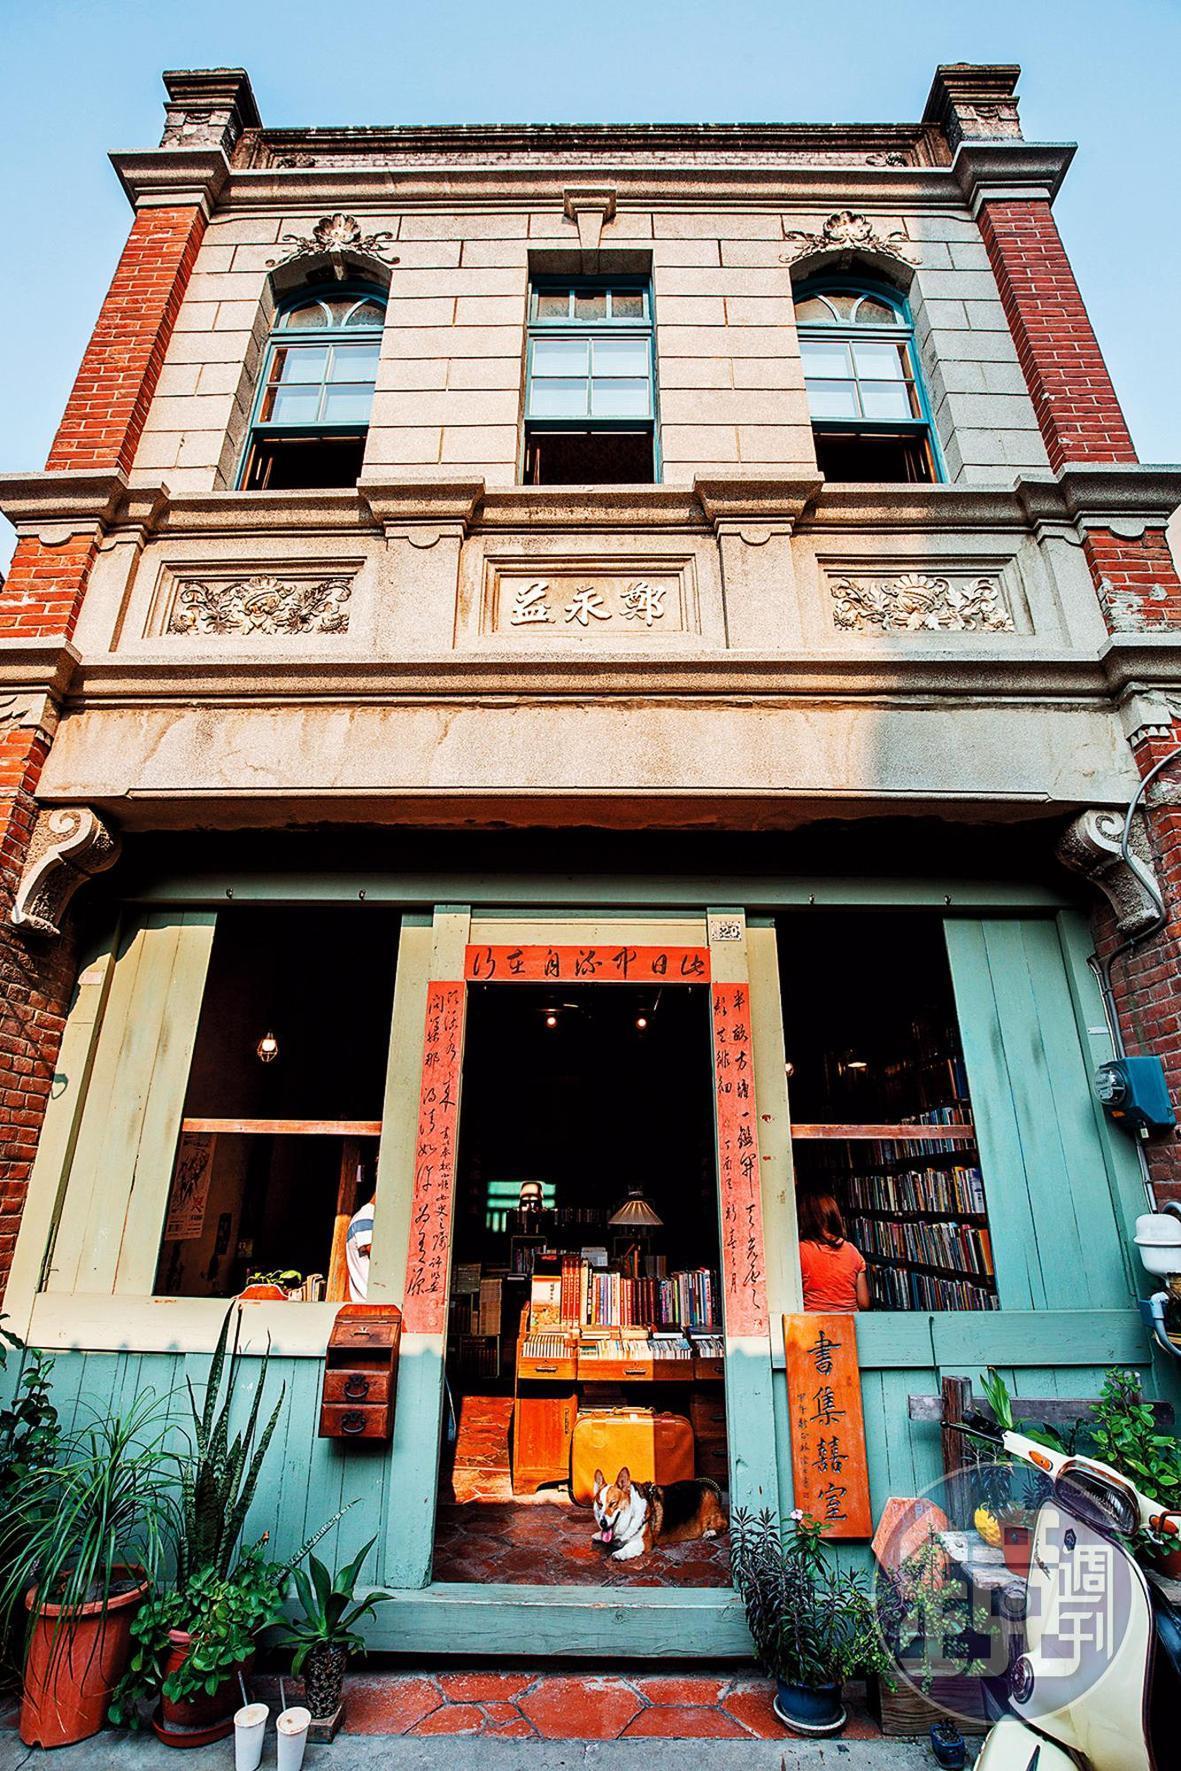 書集喜室原本是一間位於鹿港杉行街裡的和洋混合式建築。